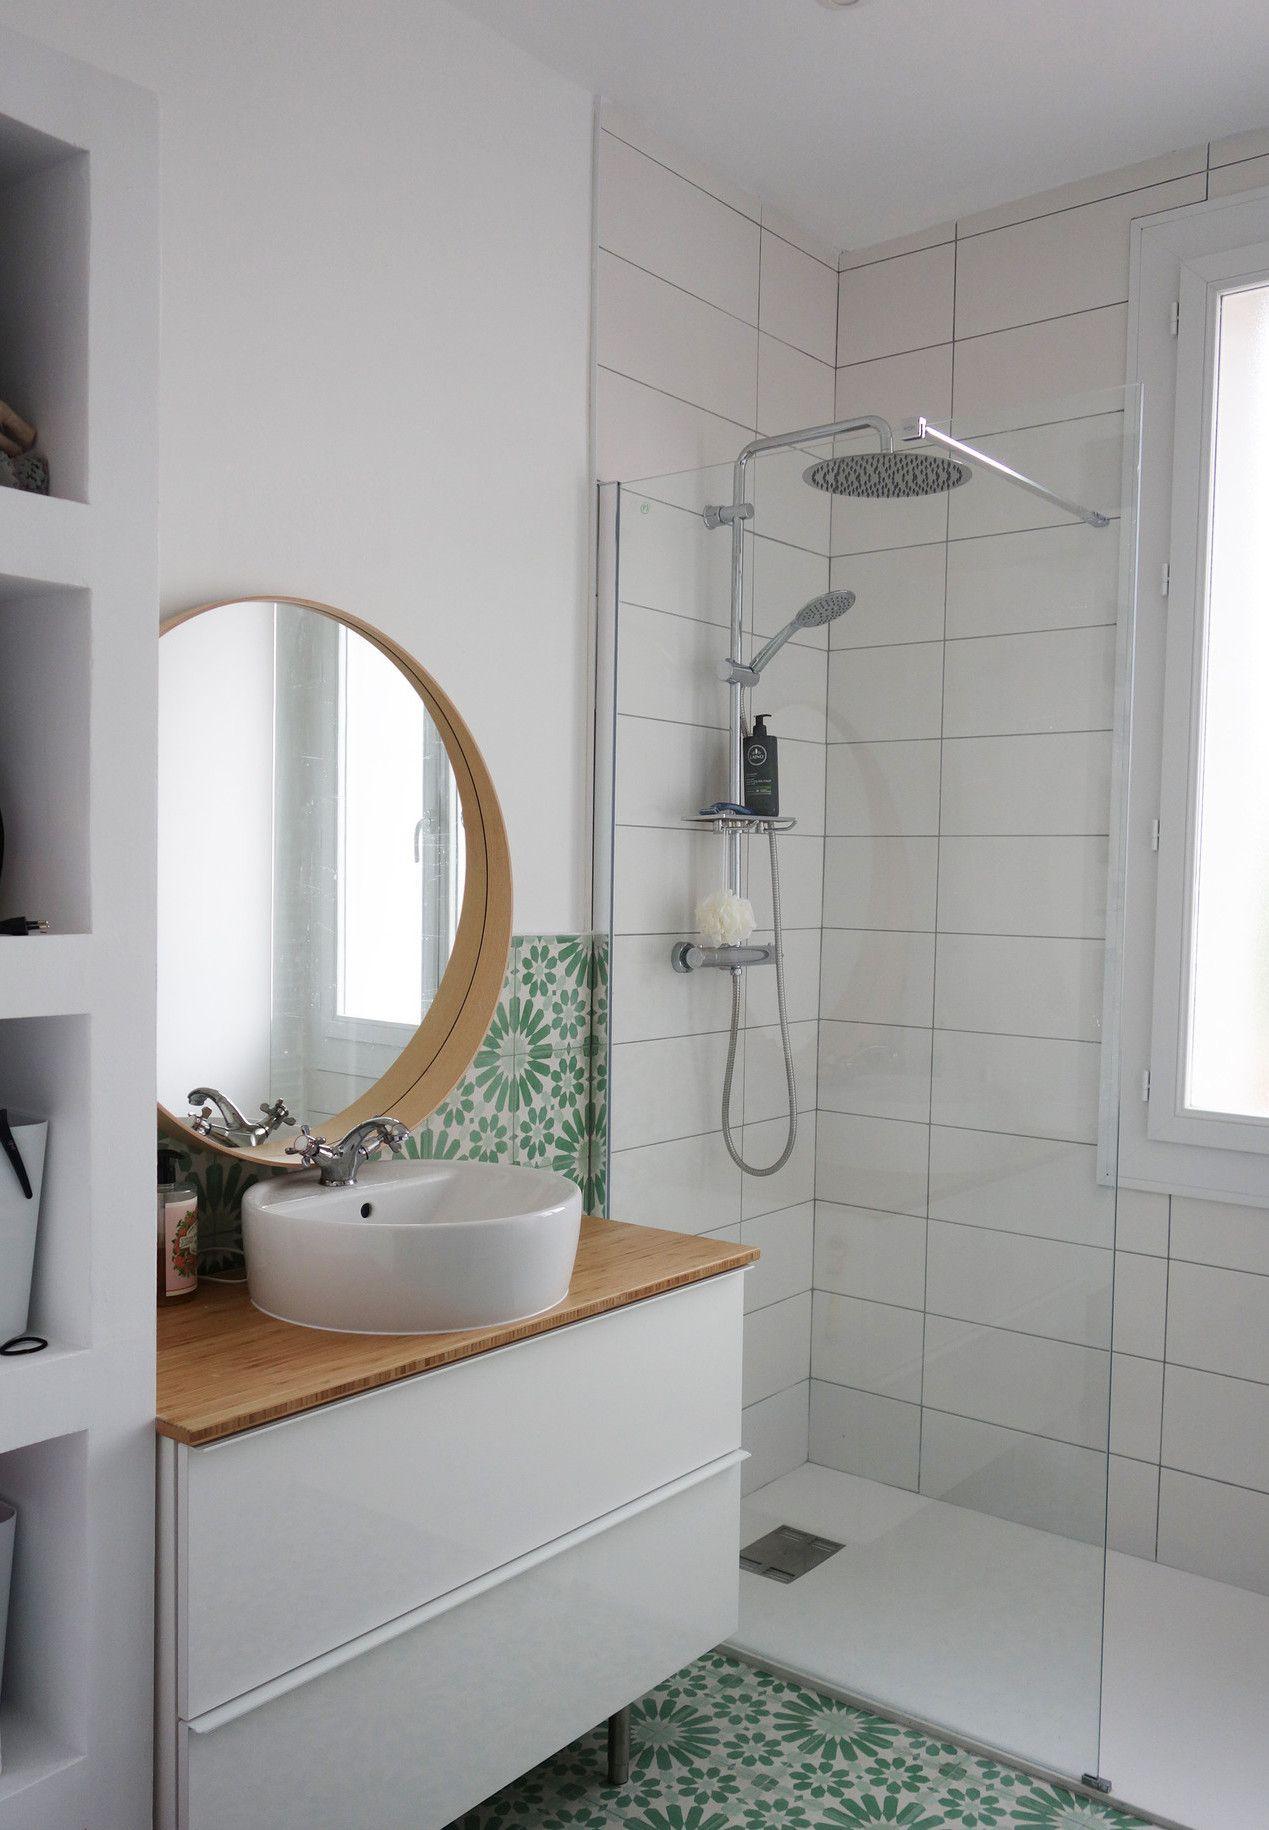 Un Appartement Renove Du Sol Au Plafond A Aix En Provence Avec Images Deco Salle De Bain Toilette Salle De Bain Design Idee Salle De Bain